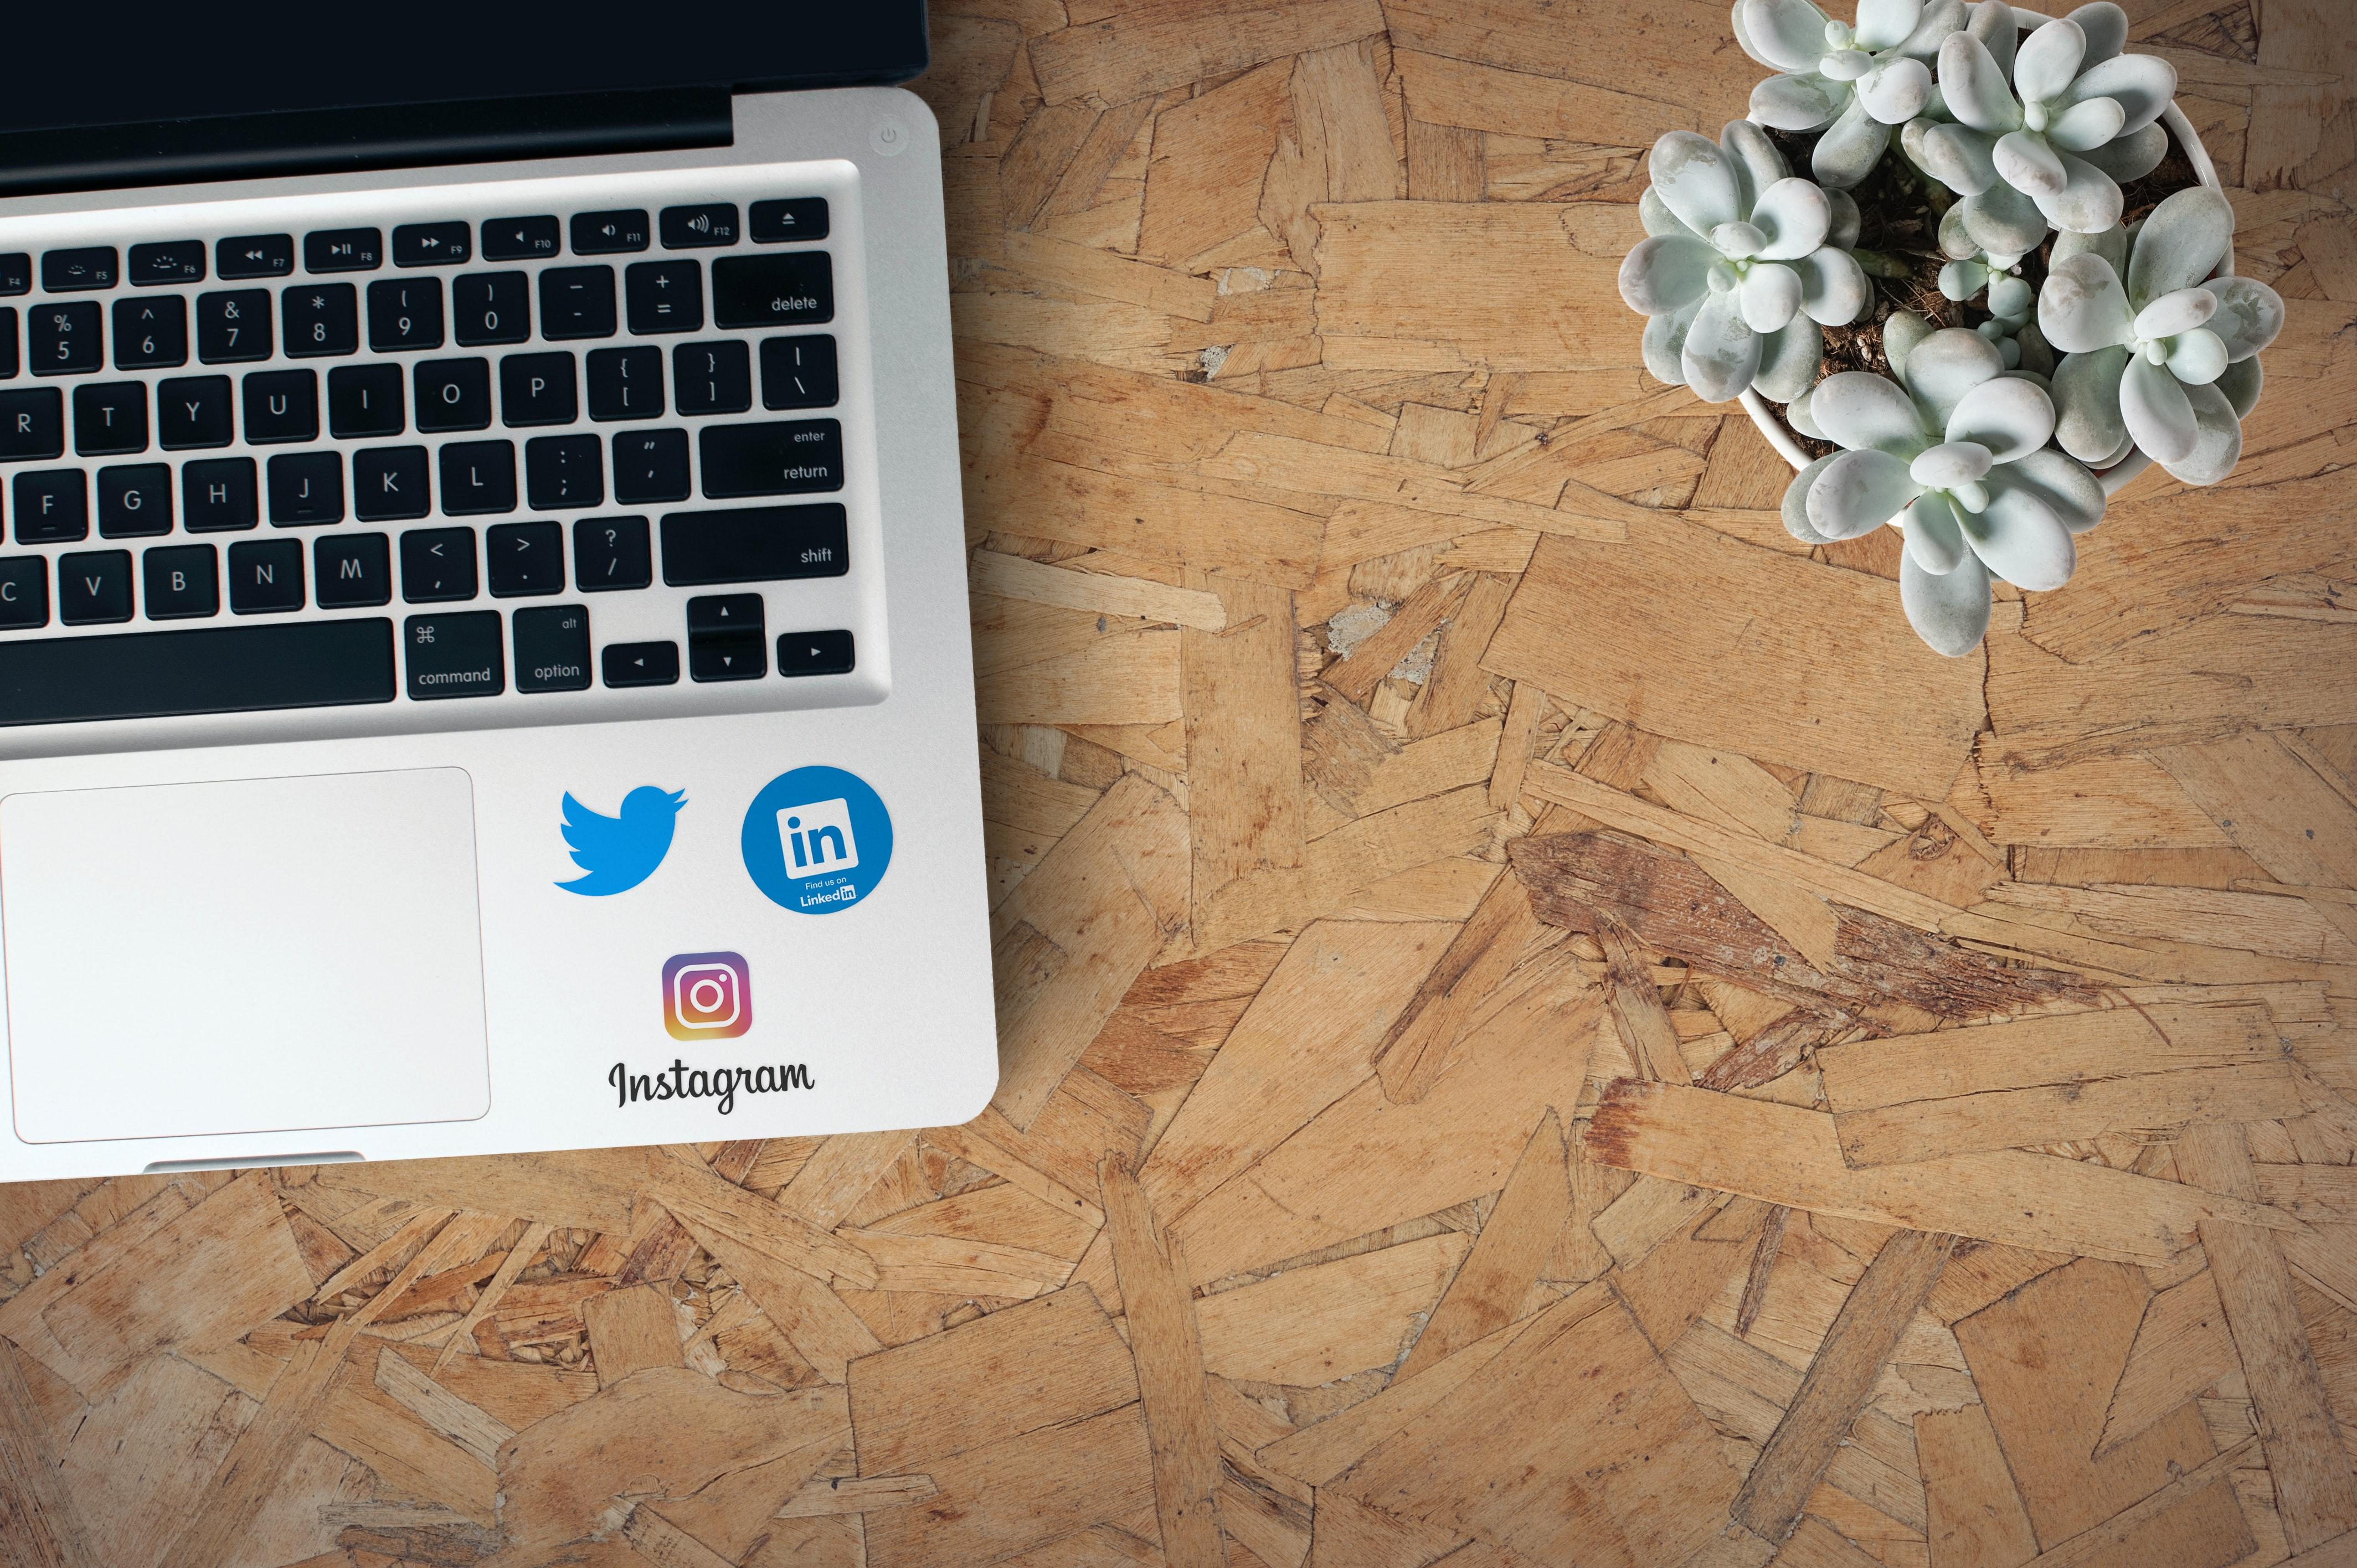 分享到社交平台的内容总是不更新,清除缓存帮到你